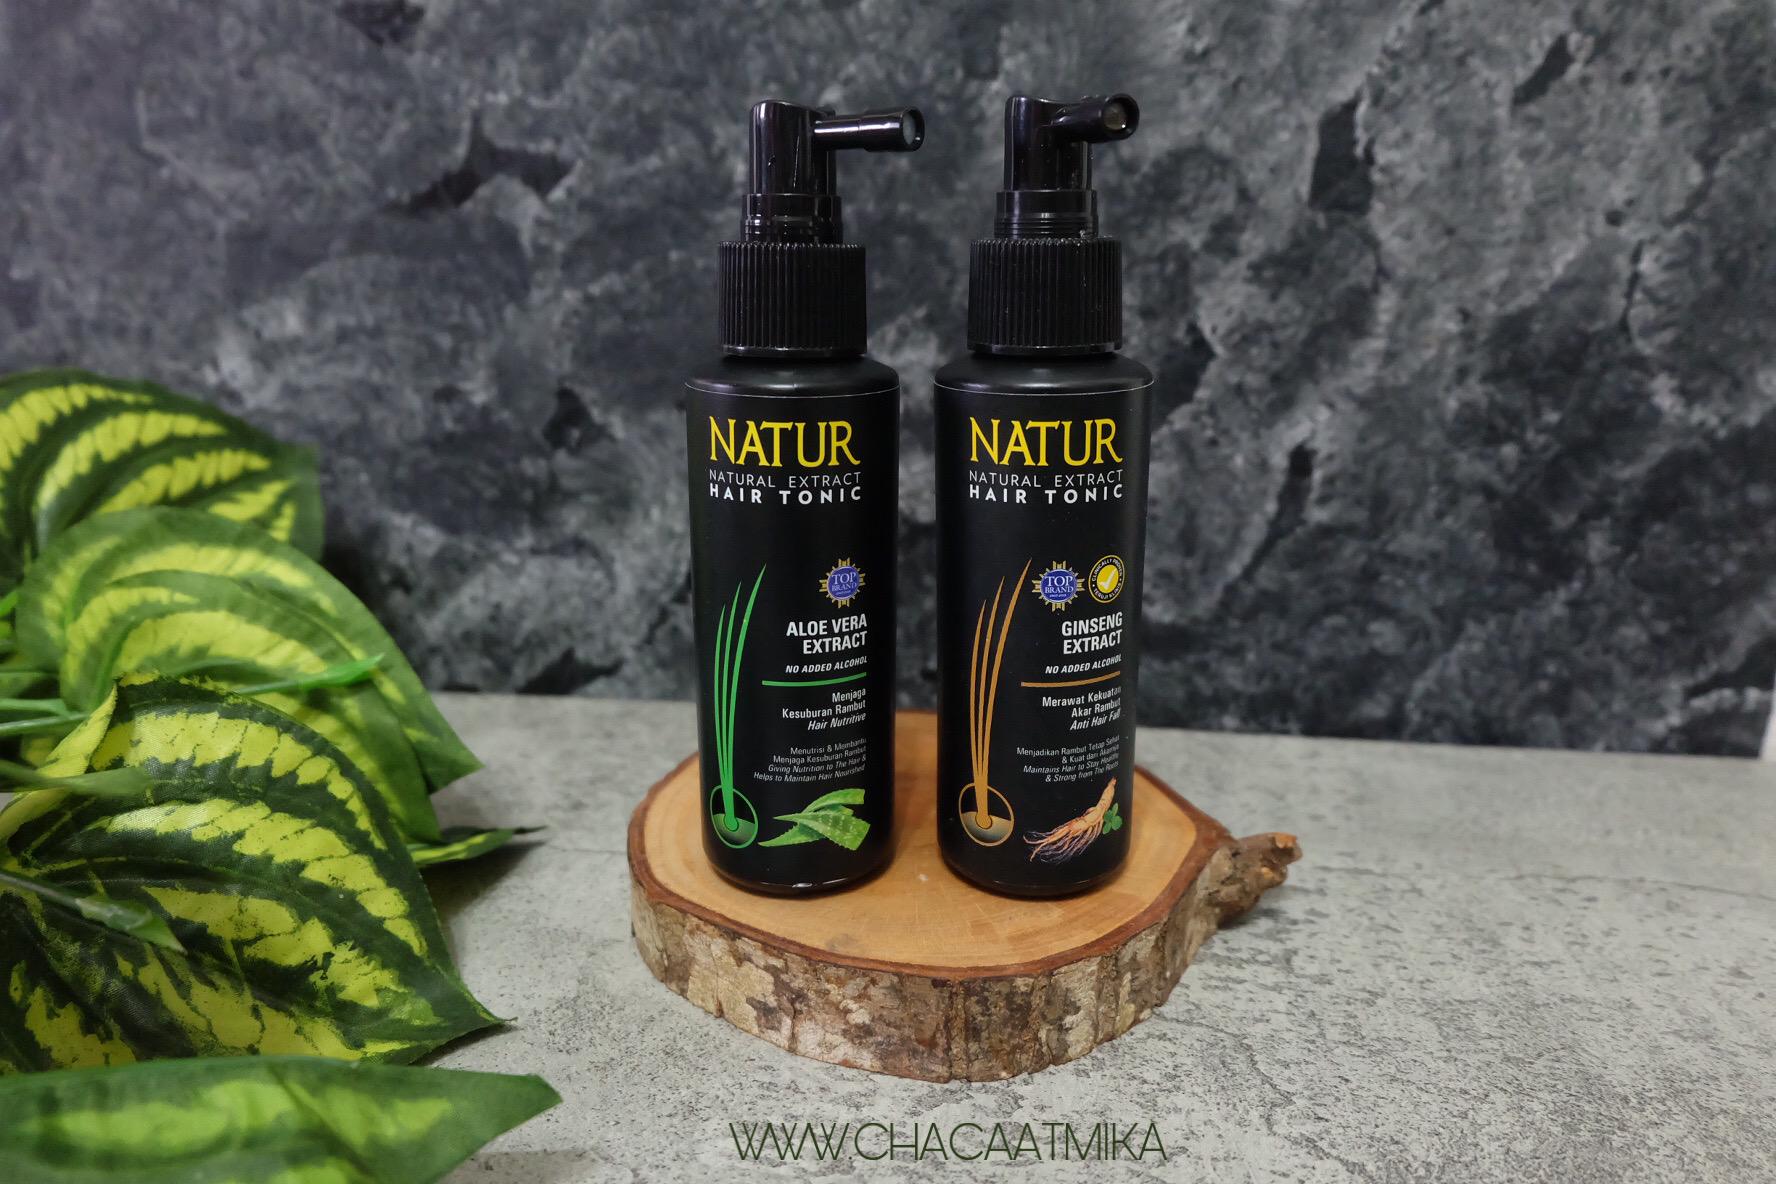 NATUR Hair Tonic Aloe Vera dan Ginseng